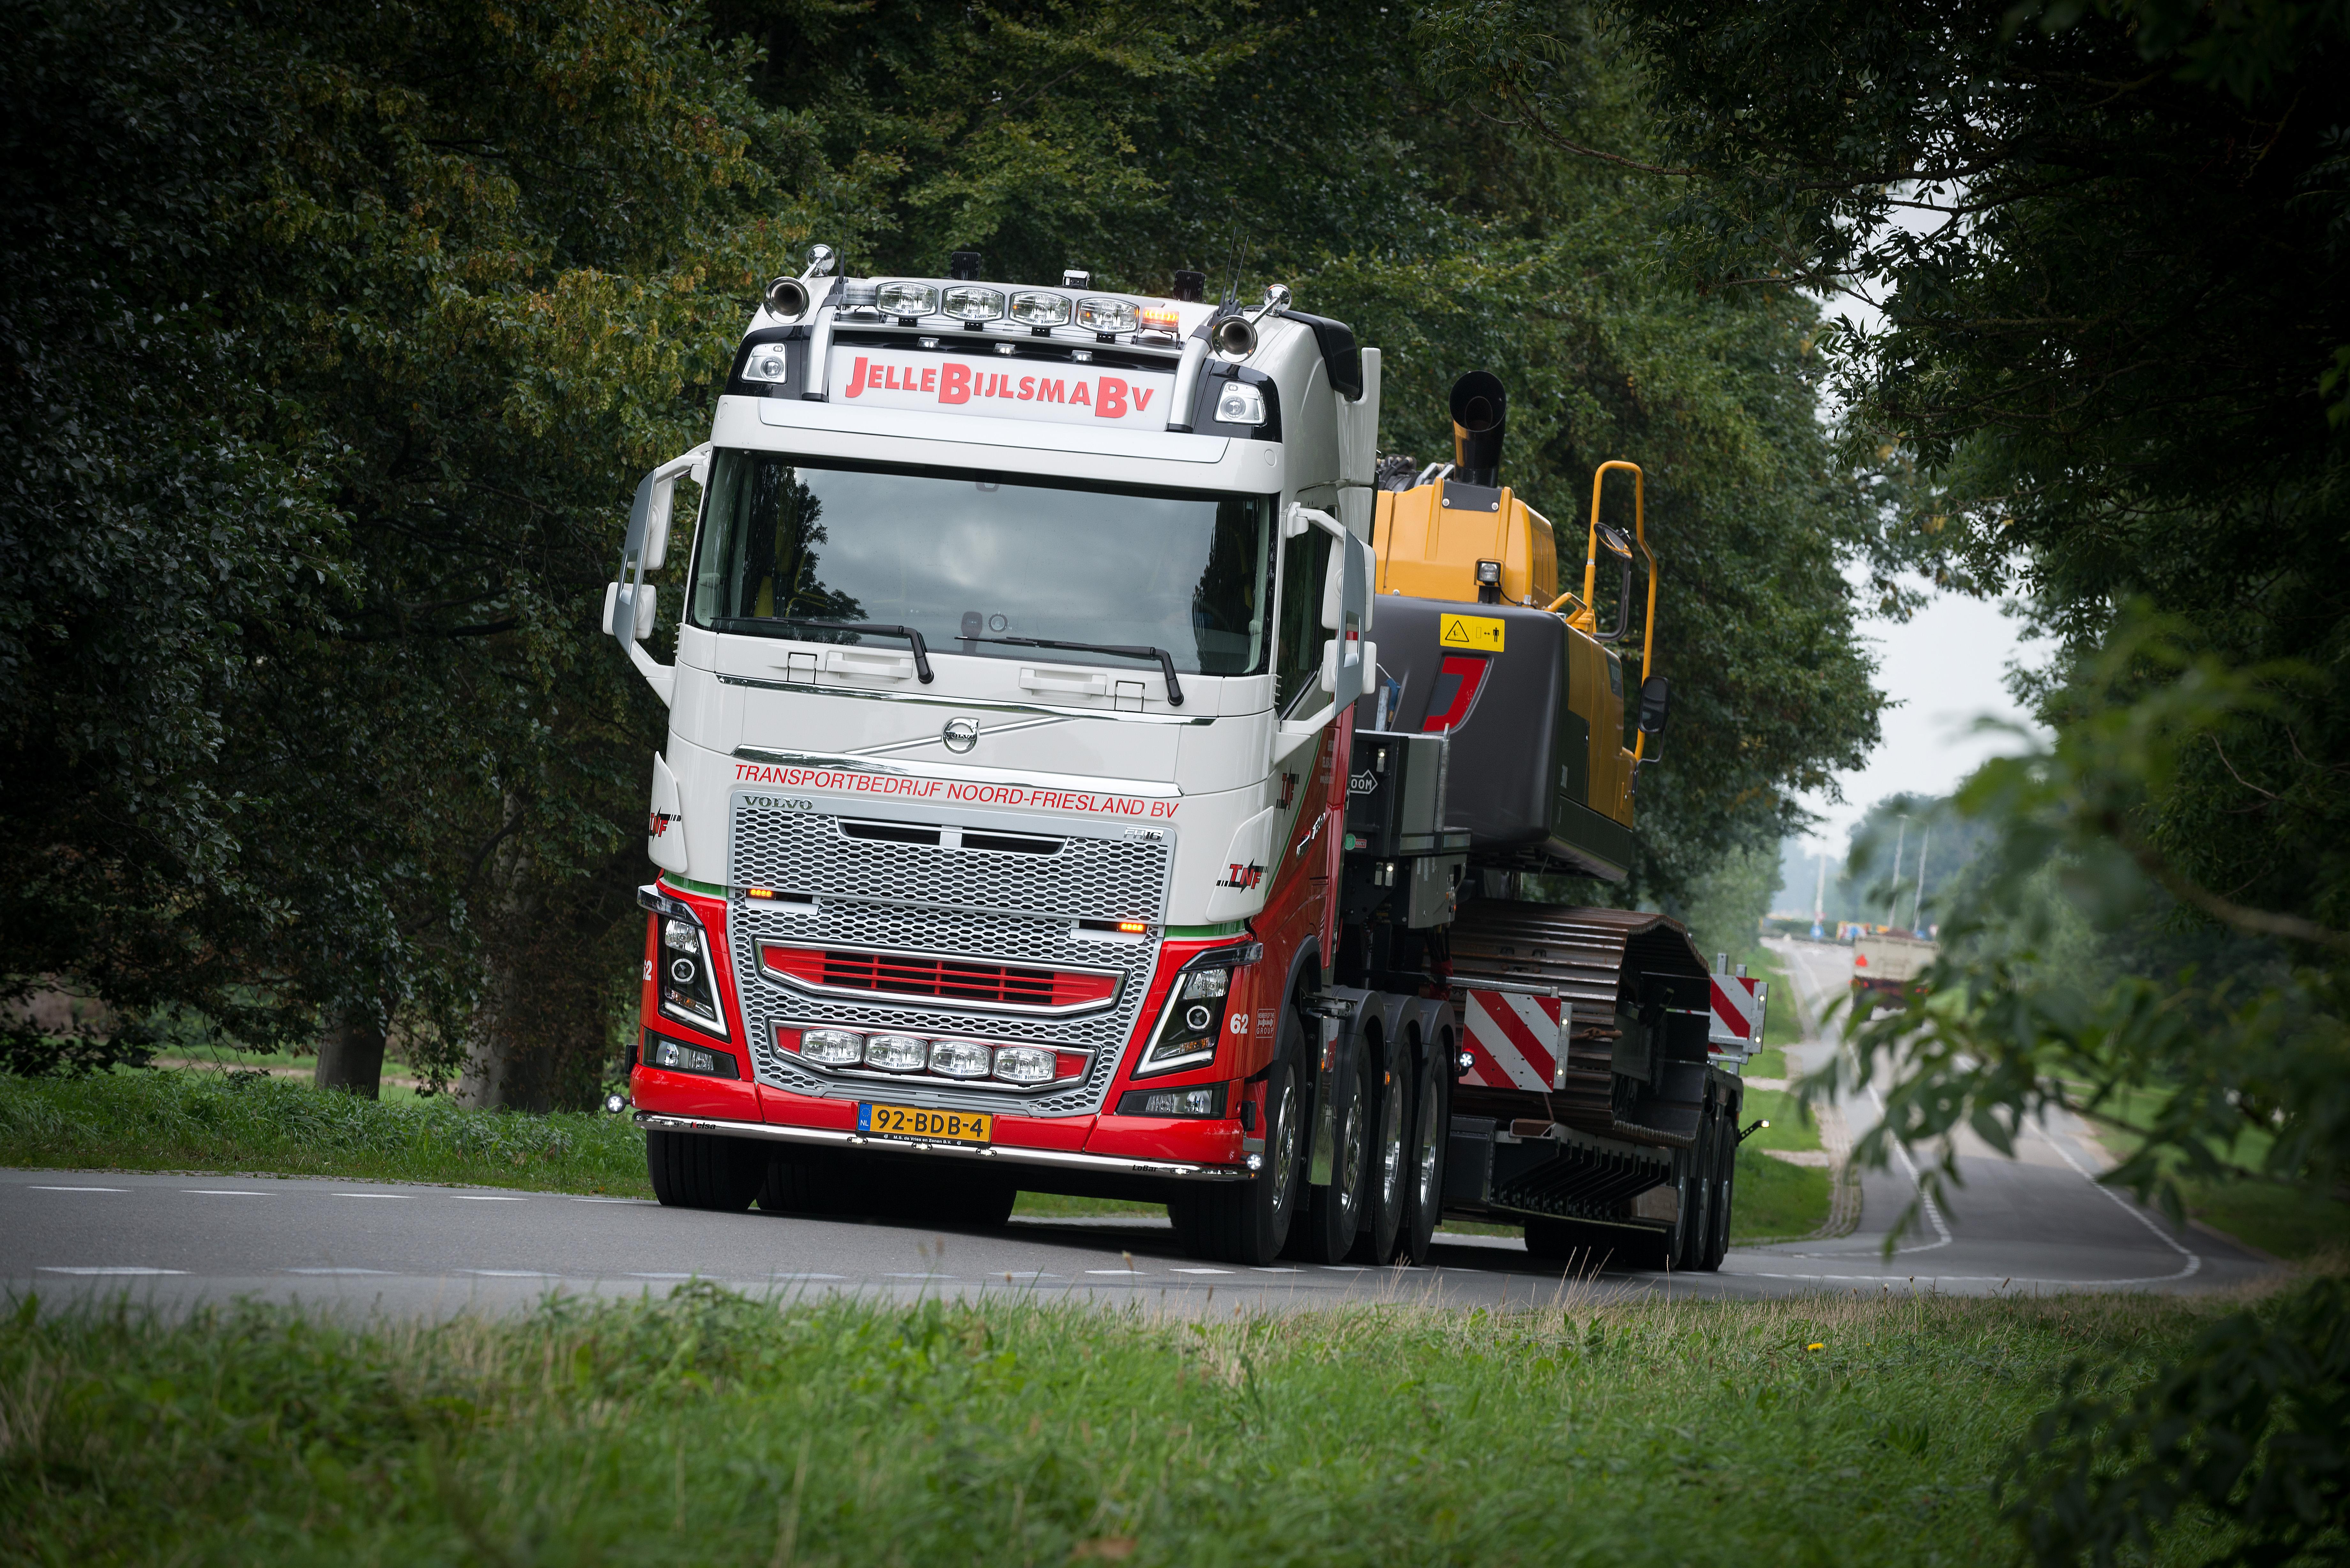 <p>Het machinevervoer organiseert Jelle Bijlsma ook zelf onder de naam Transportbedrijf Noord Friesland.</p>